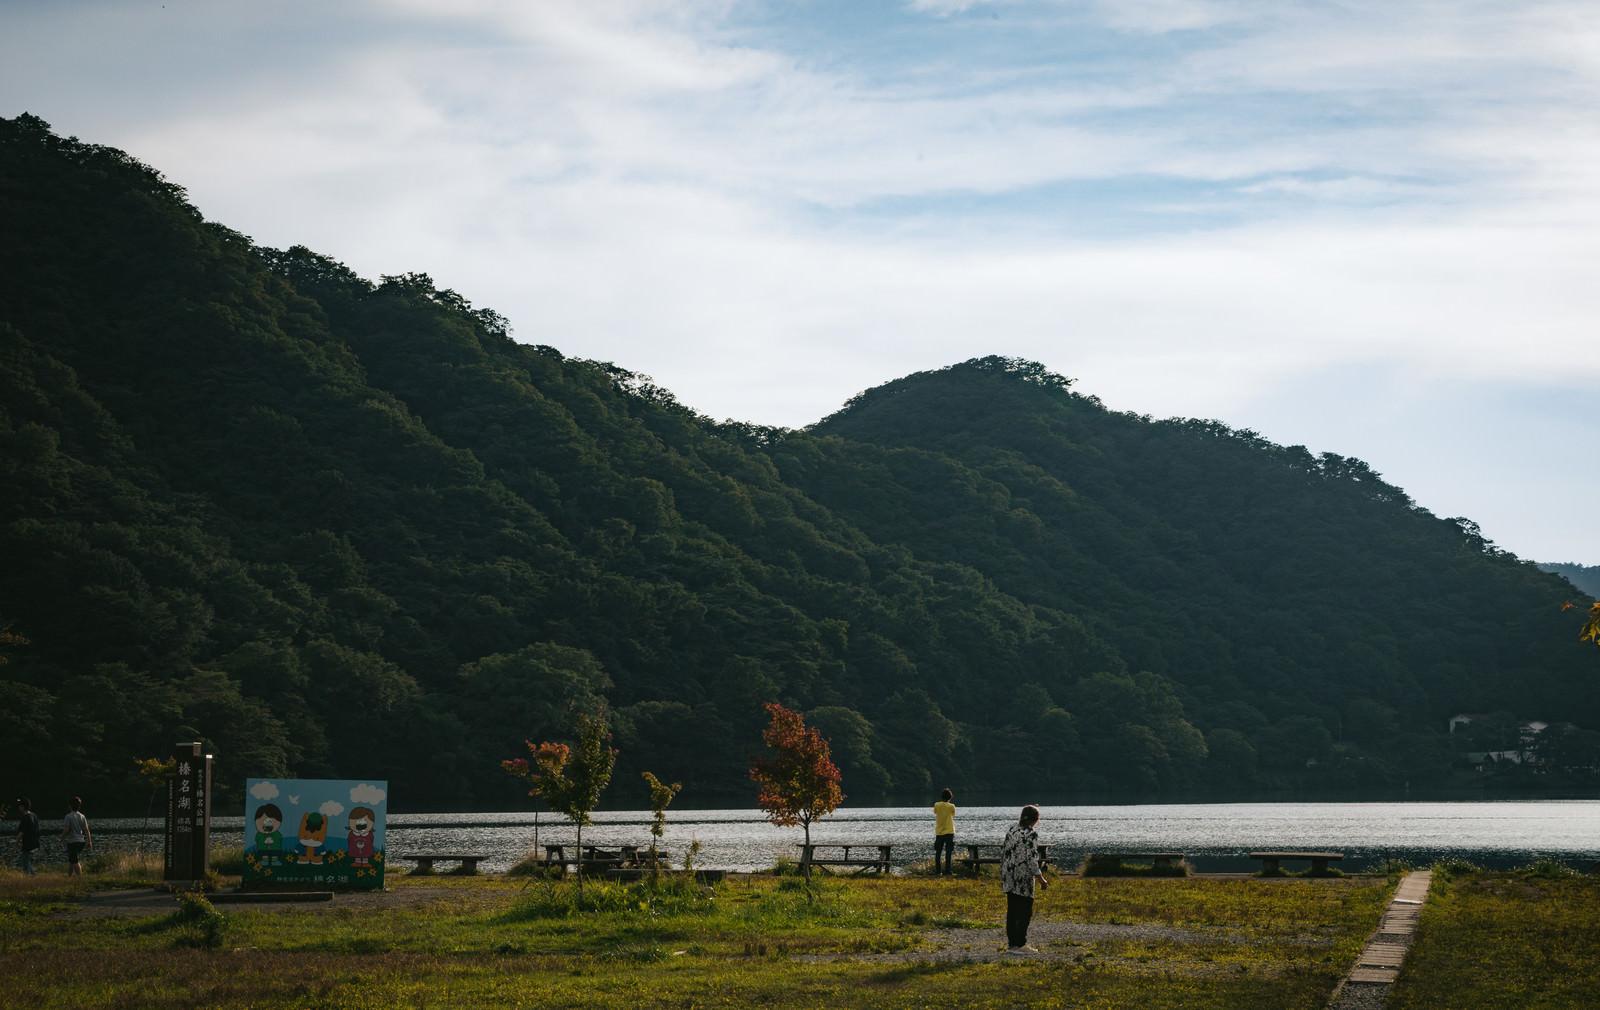 「夕暮れ時の榛名湖夕暮れ時の榛名湖」のフリー写真素材を拡大